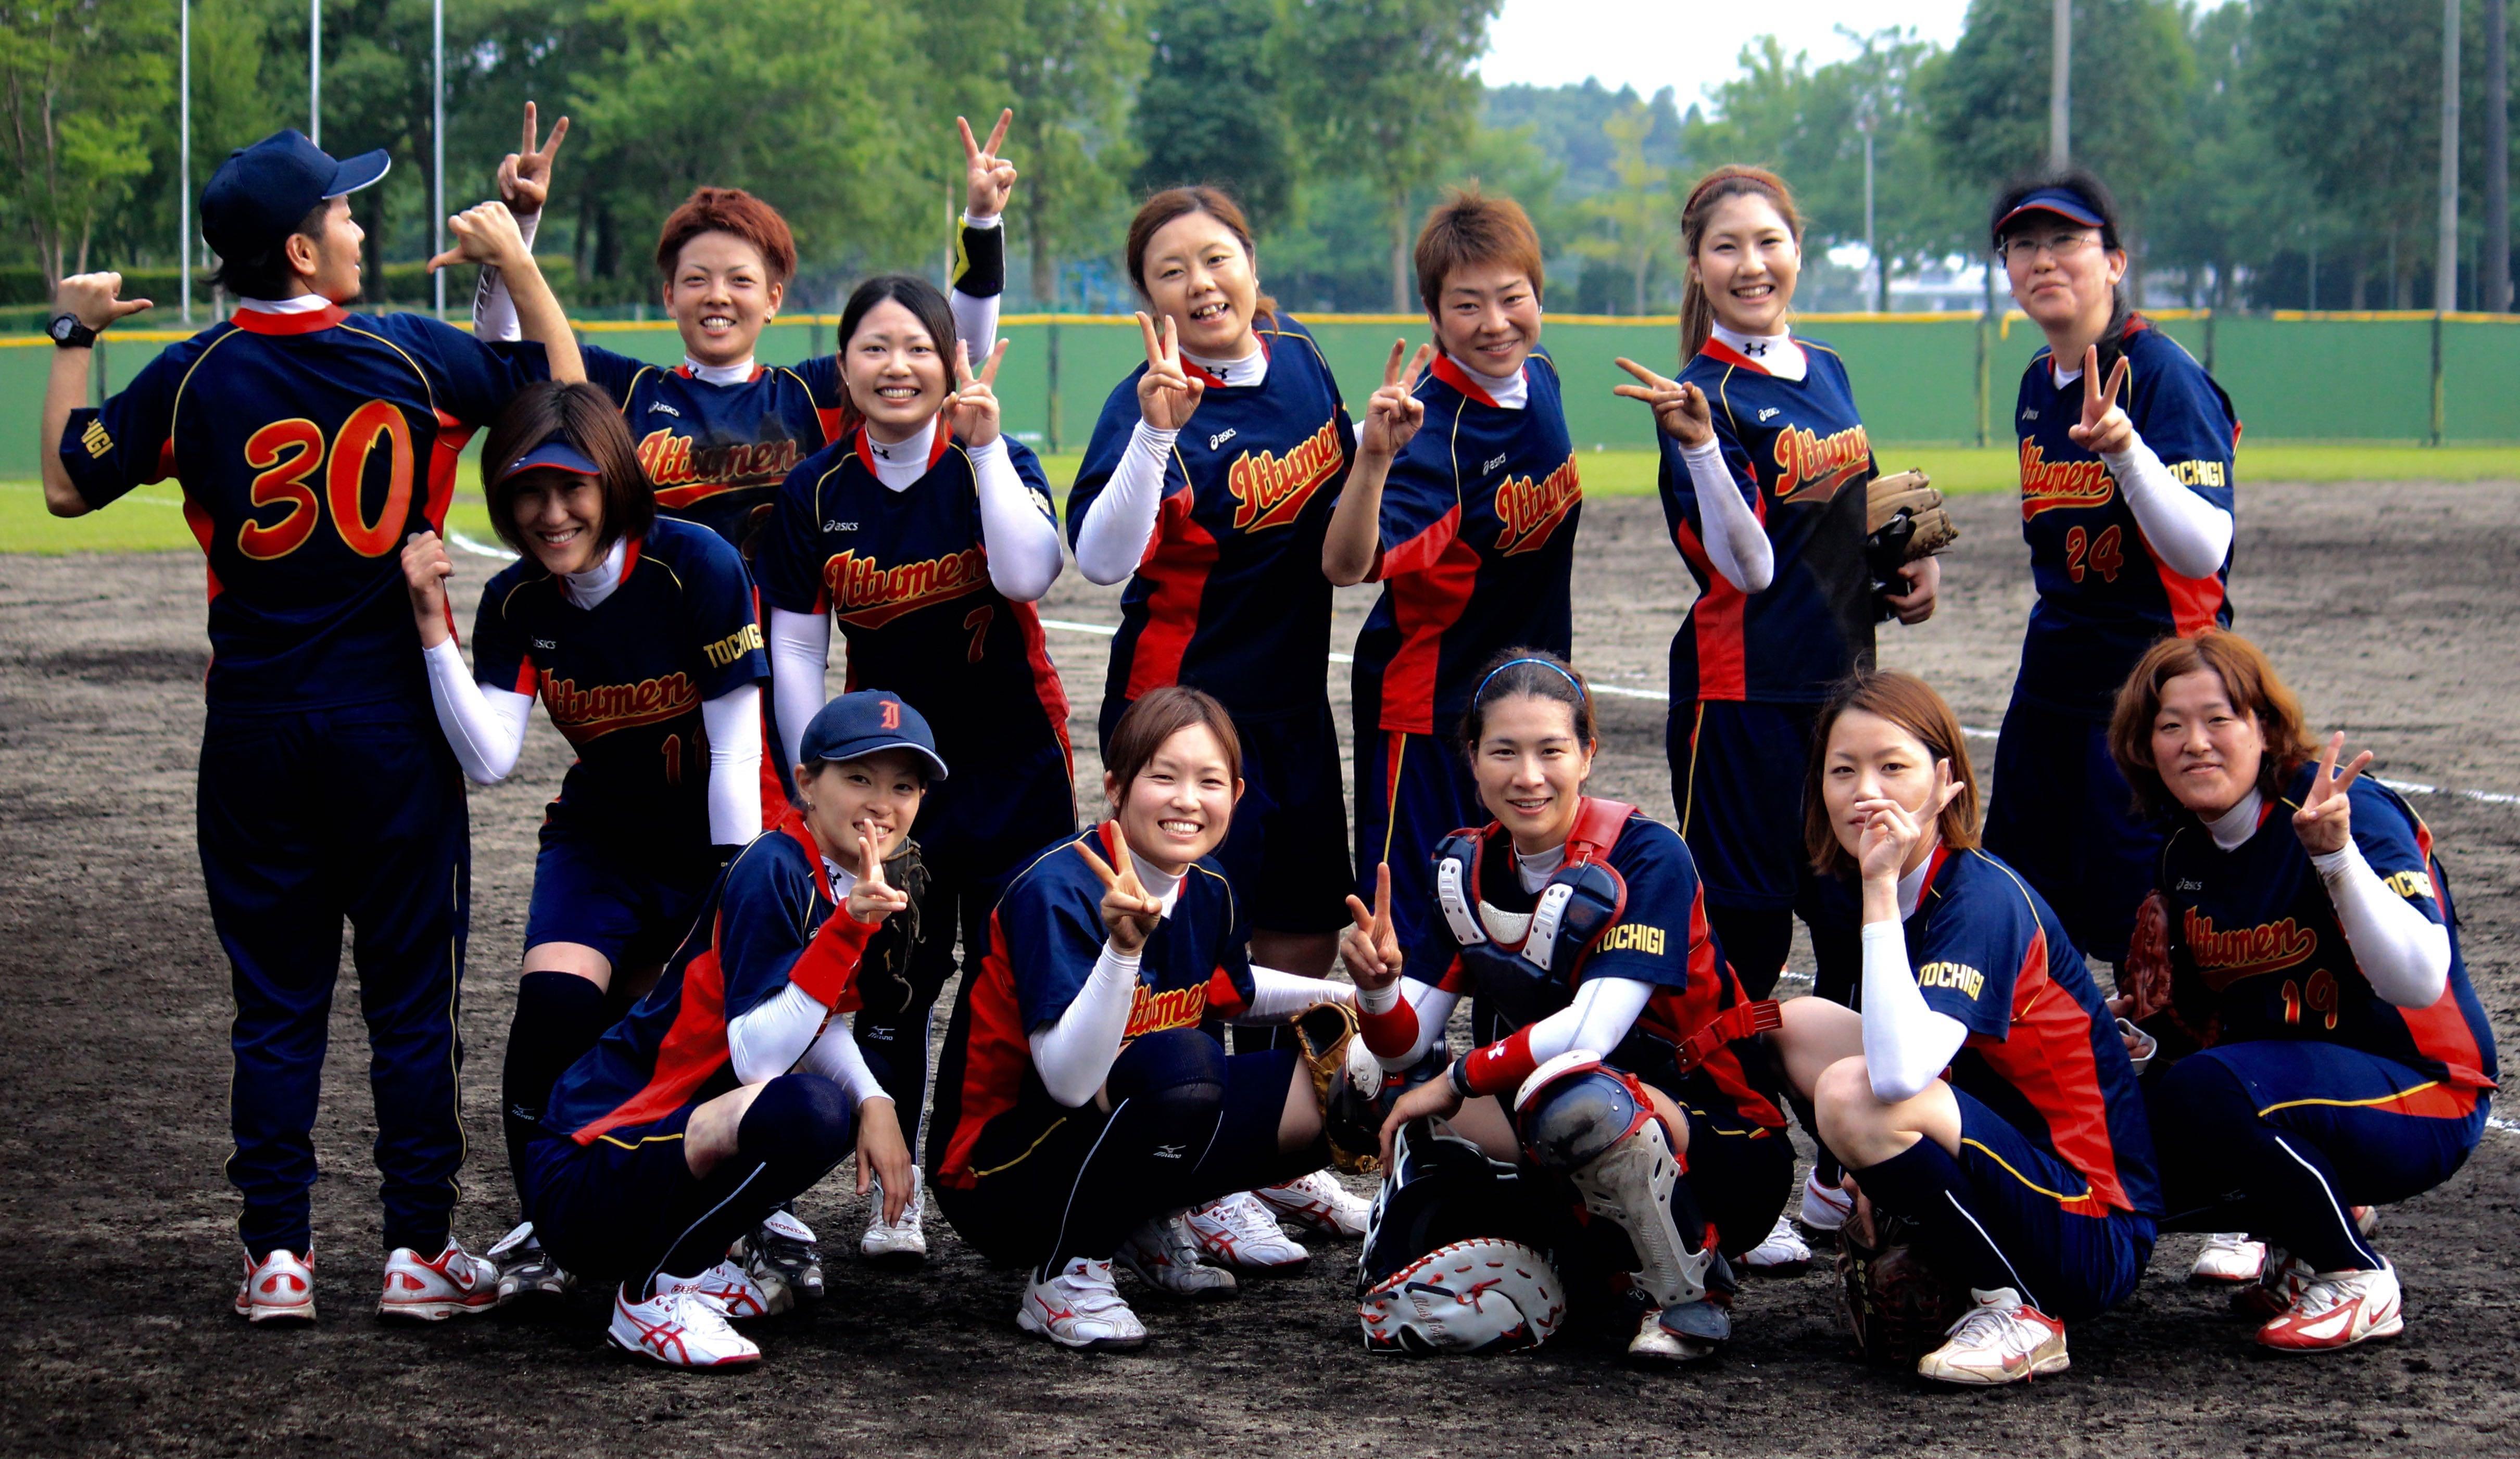 いっつめん.   We ♡ Softball